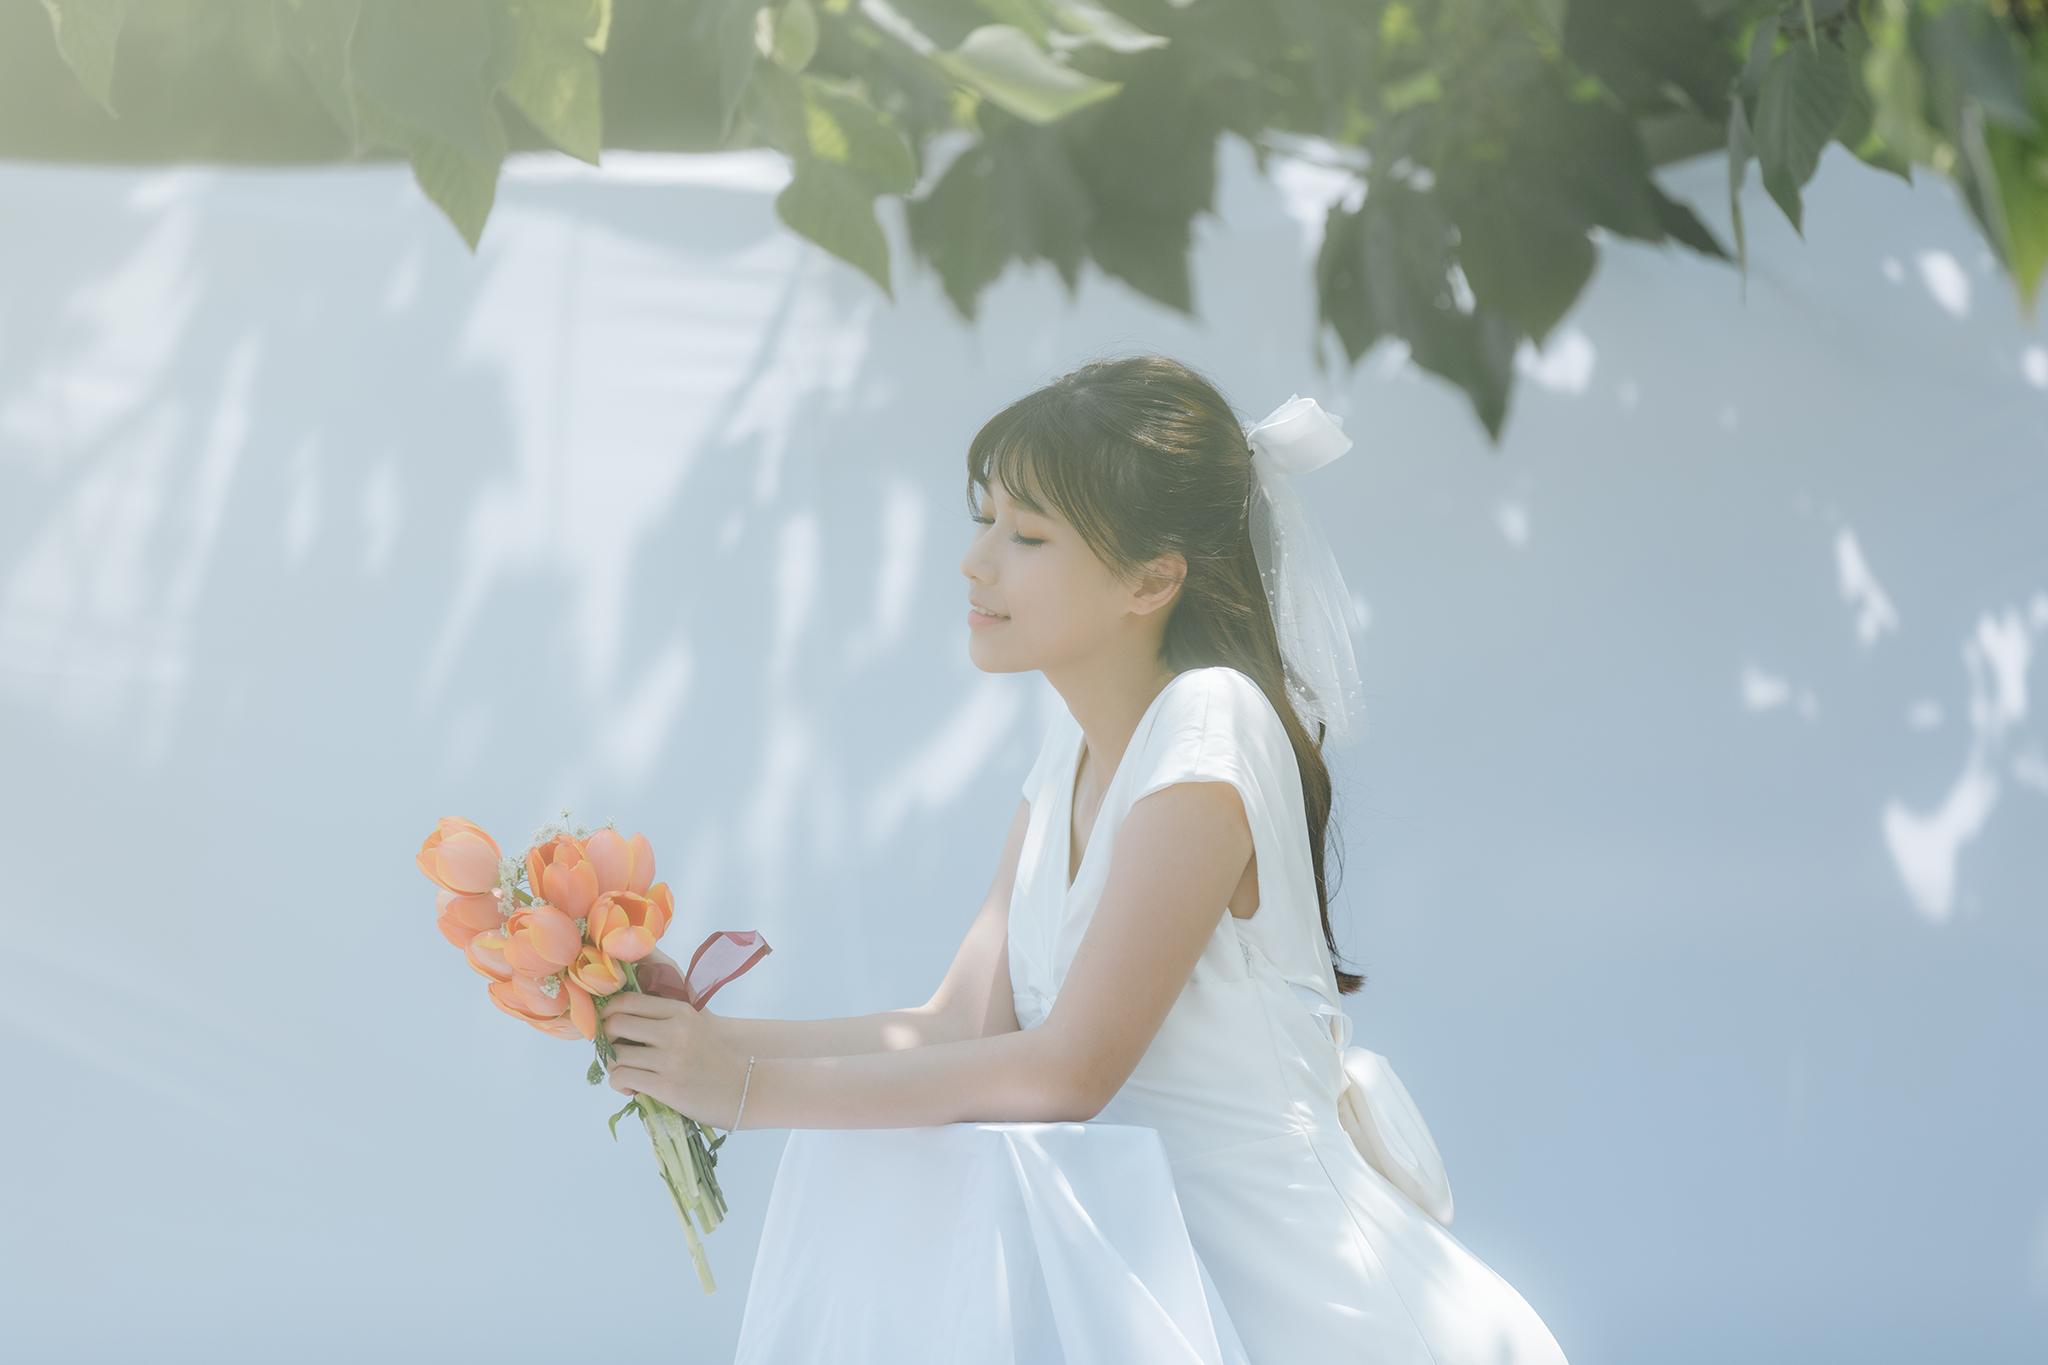 50081457758 2c5163c6a1 o - 【自主婚紗】+Mei+